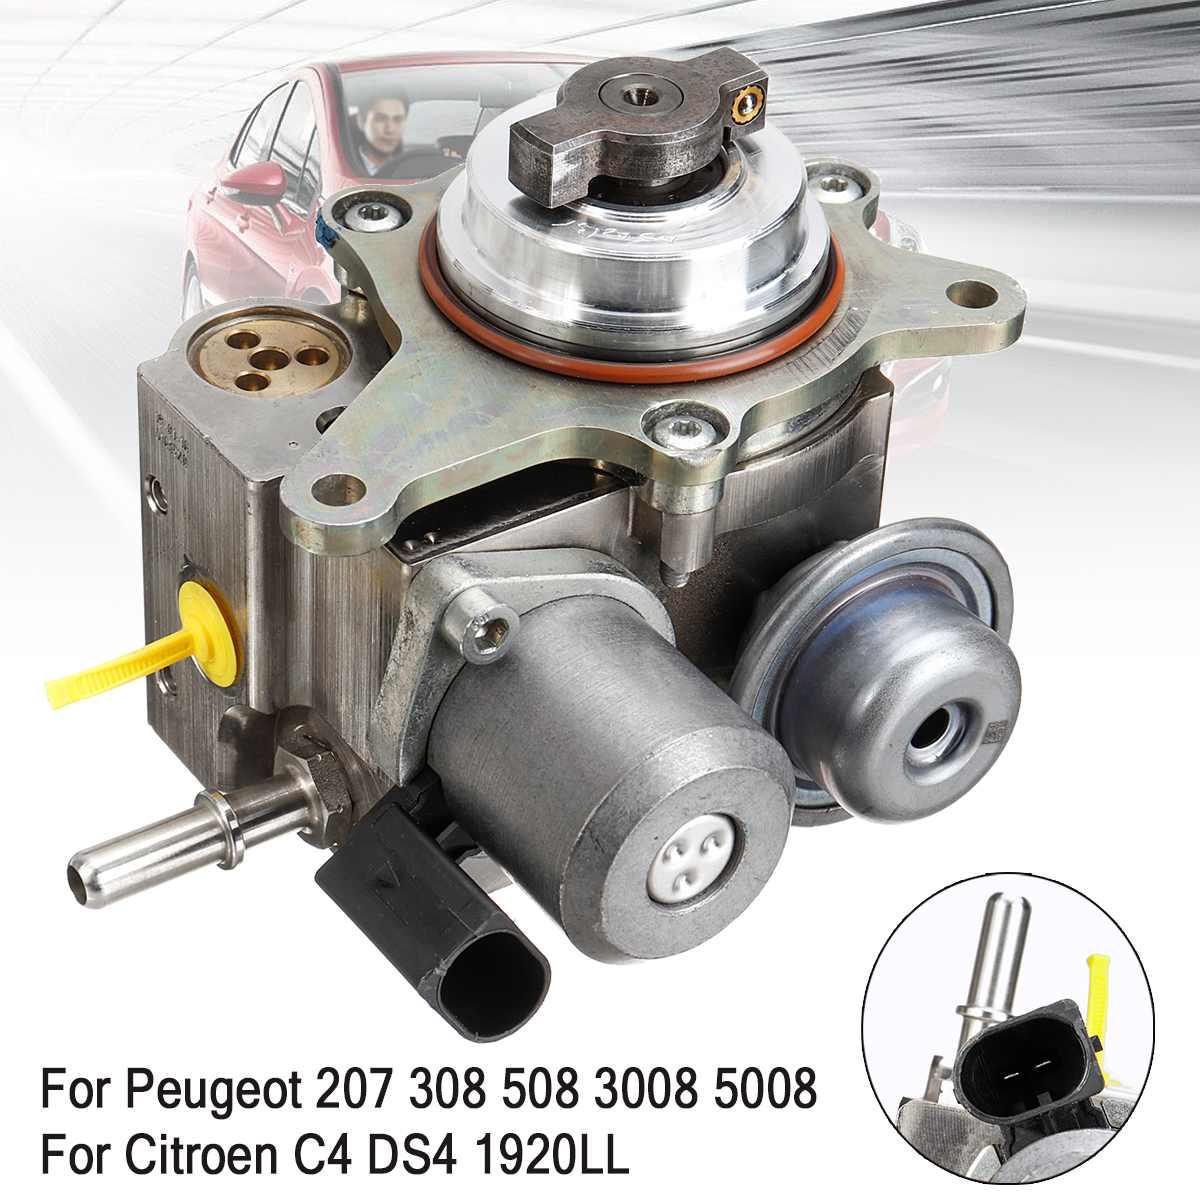 Gasolina bomba de combustible de presión 9819938480, 13537528345 para Peugeot 207, 308, 3008, 5008, 508, 1,6 T Mini R55 R56 R57 R58 Cooper CITROEN C4